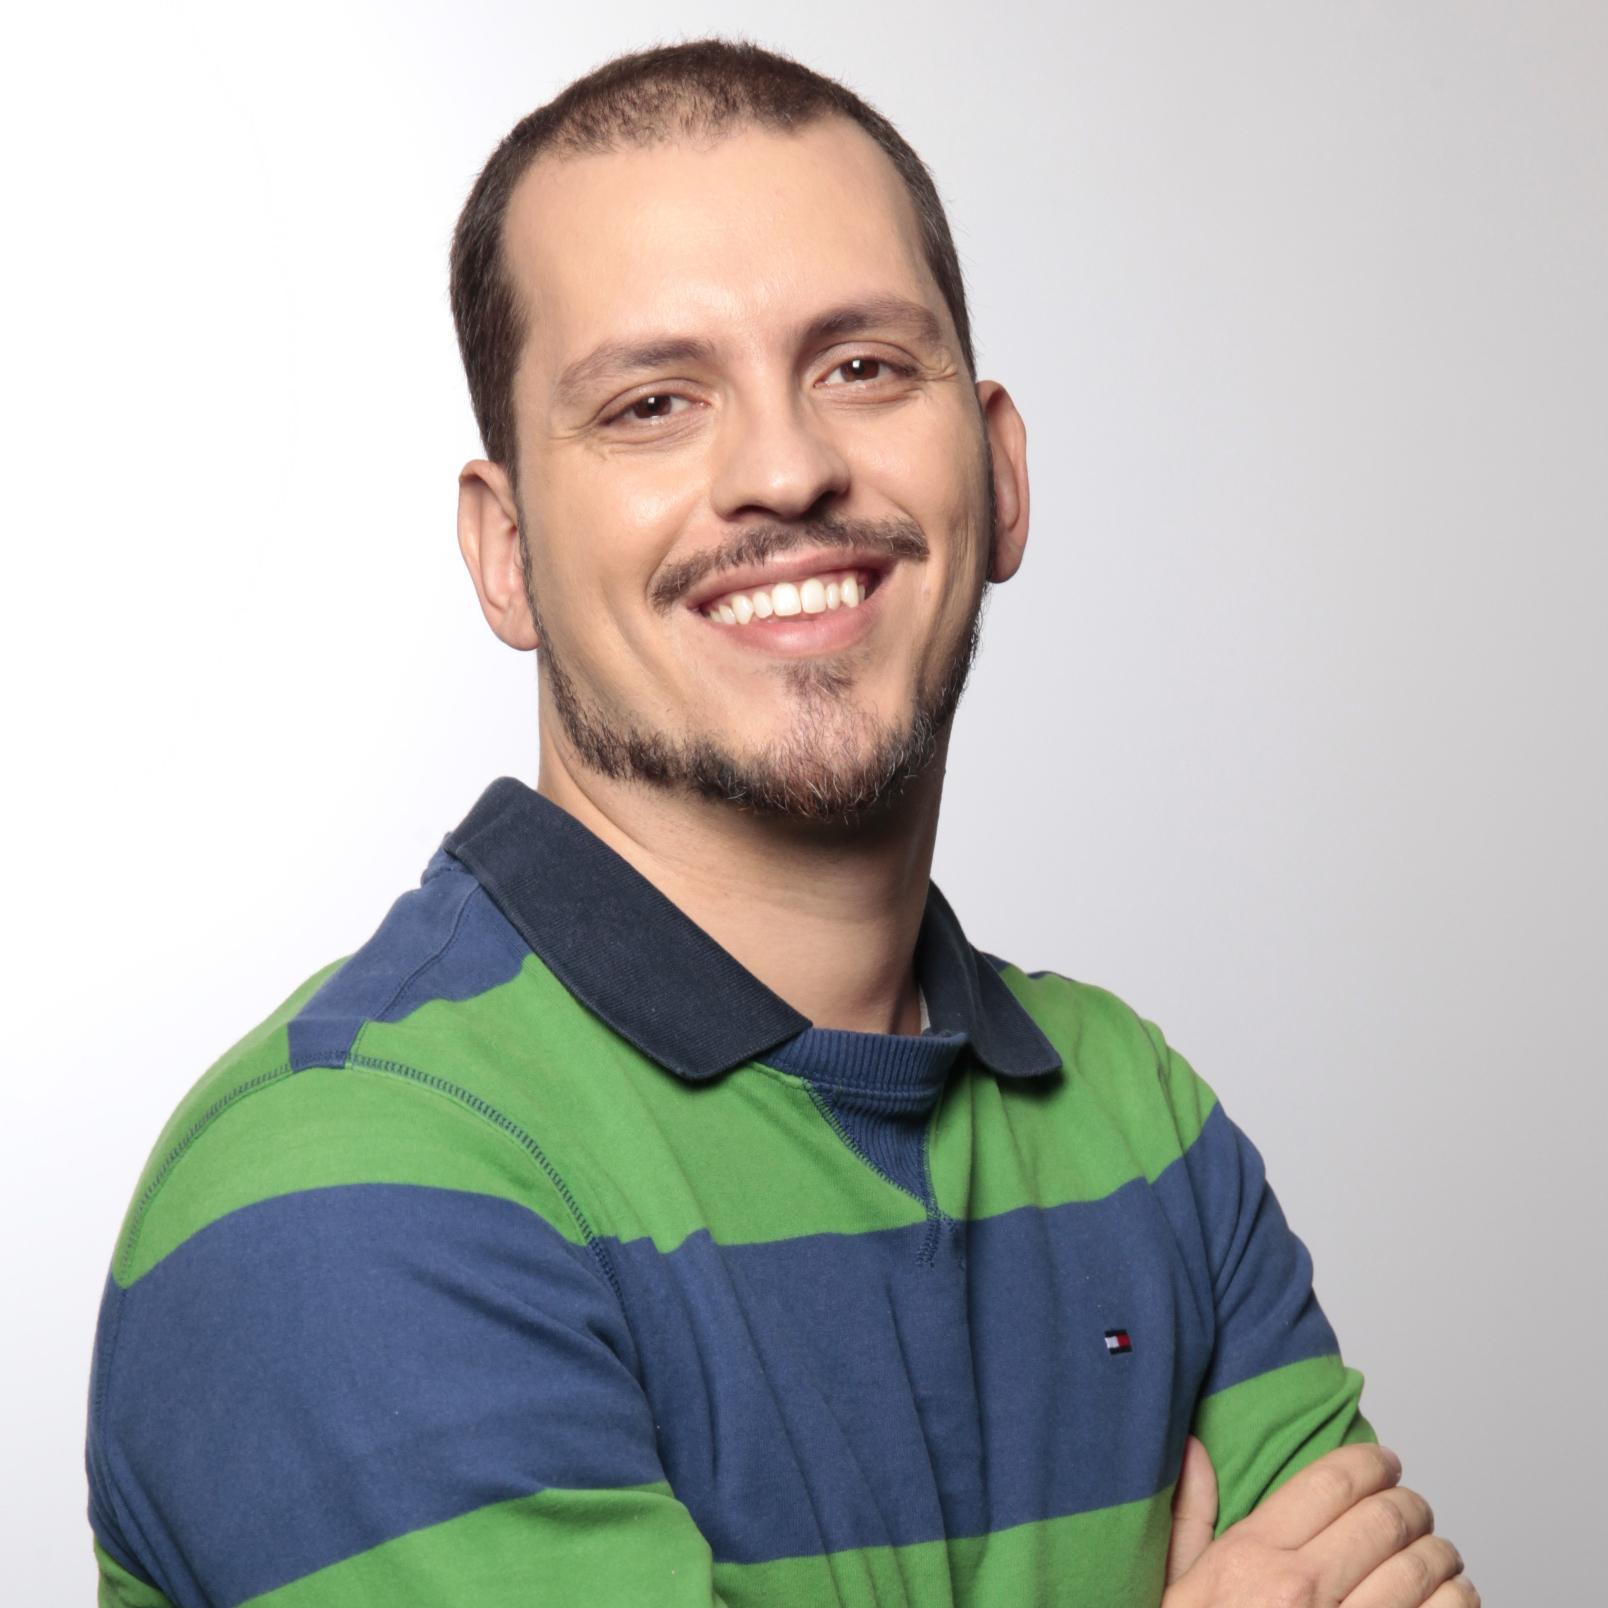 André Ignacio